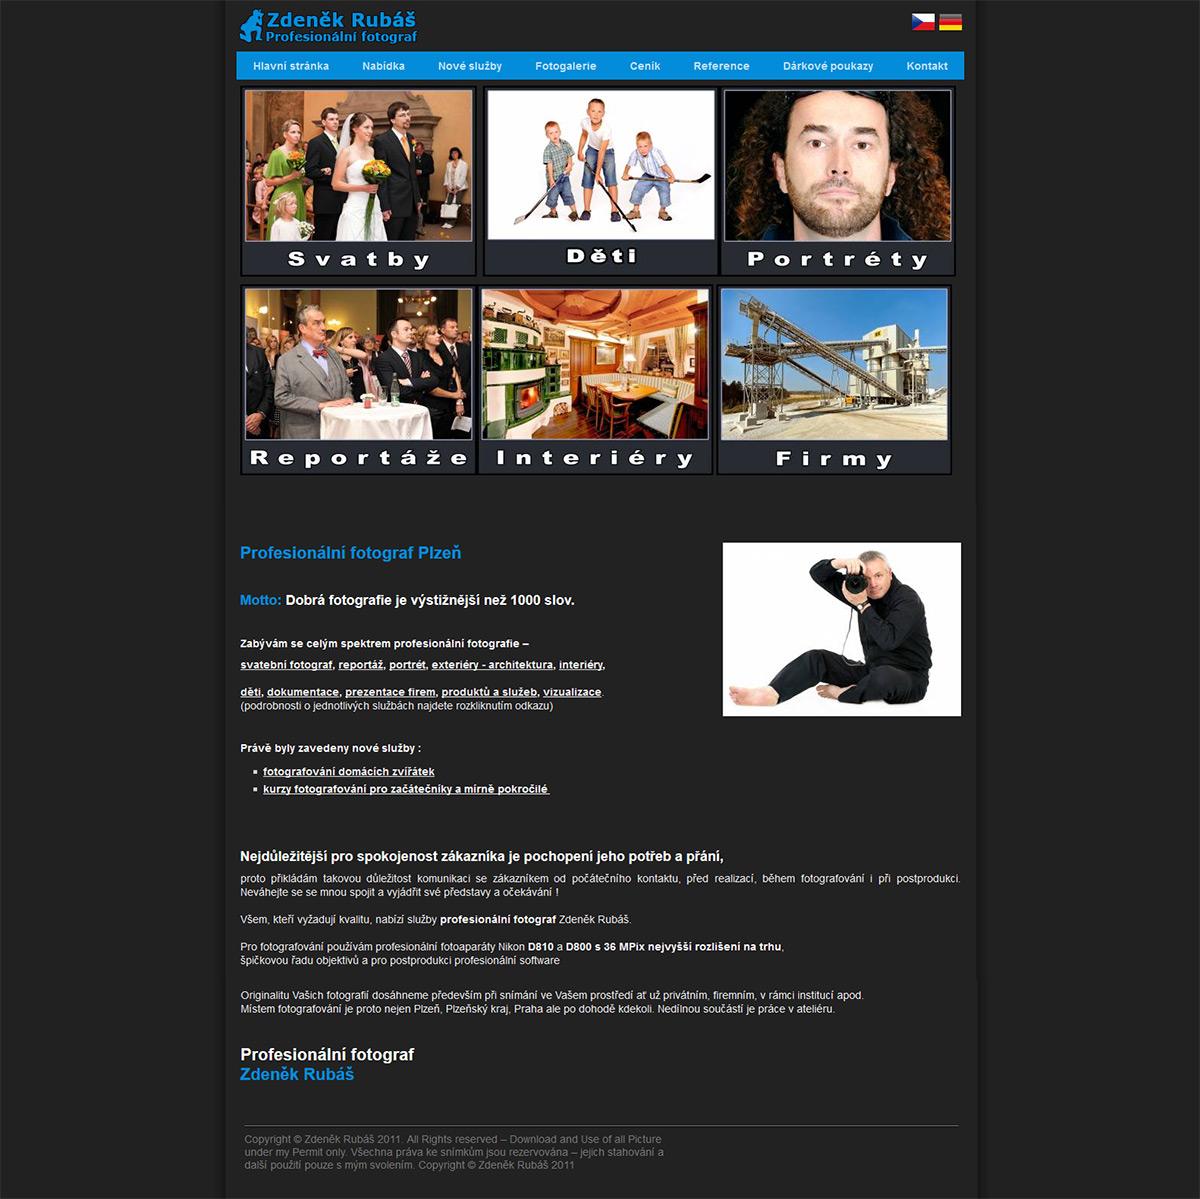 Internetová stránka profesionálního fotografa